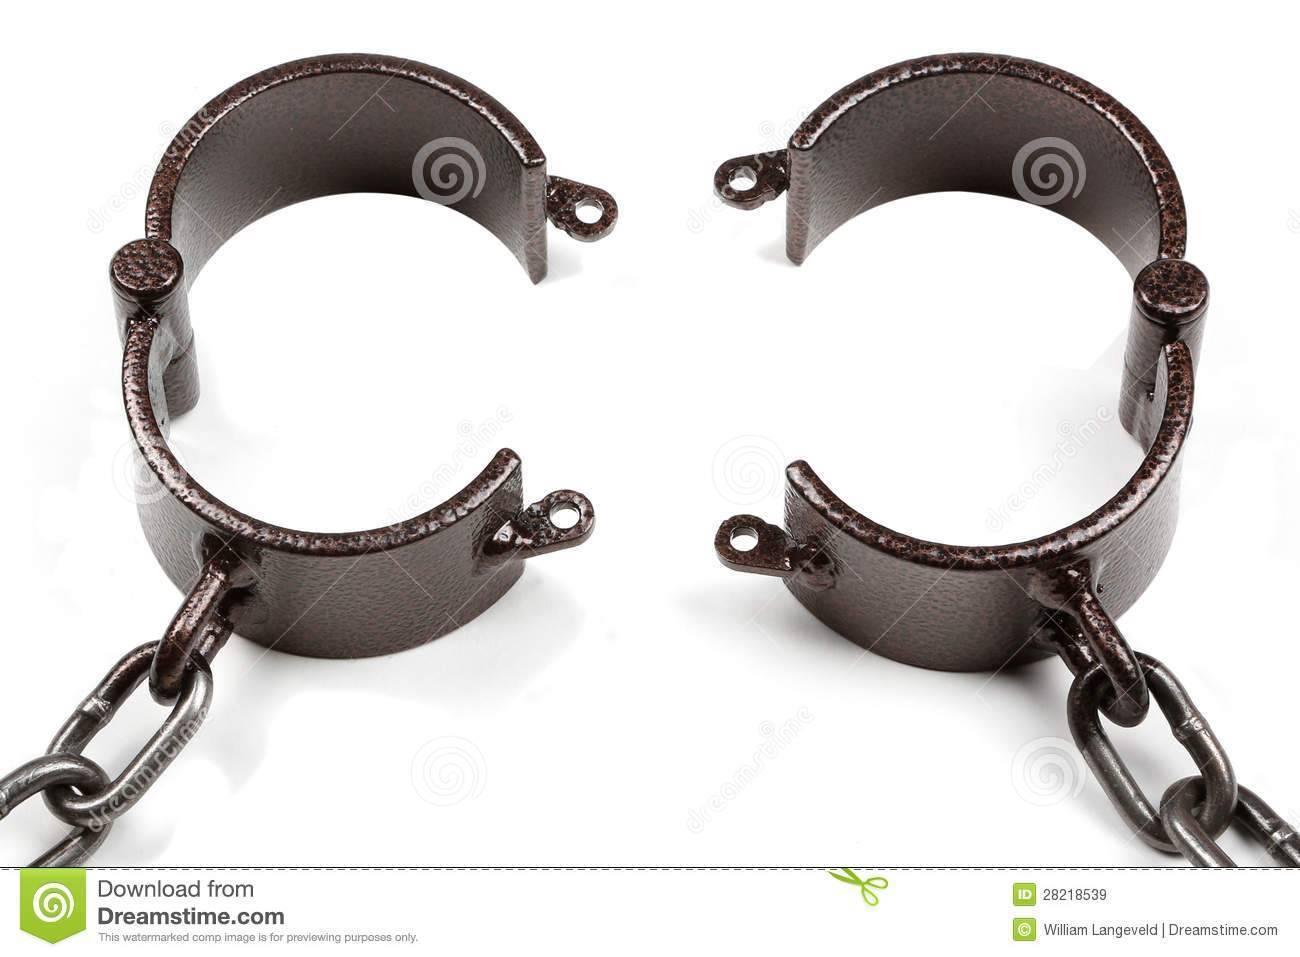 Использование наручников при ведении рукопашного боя